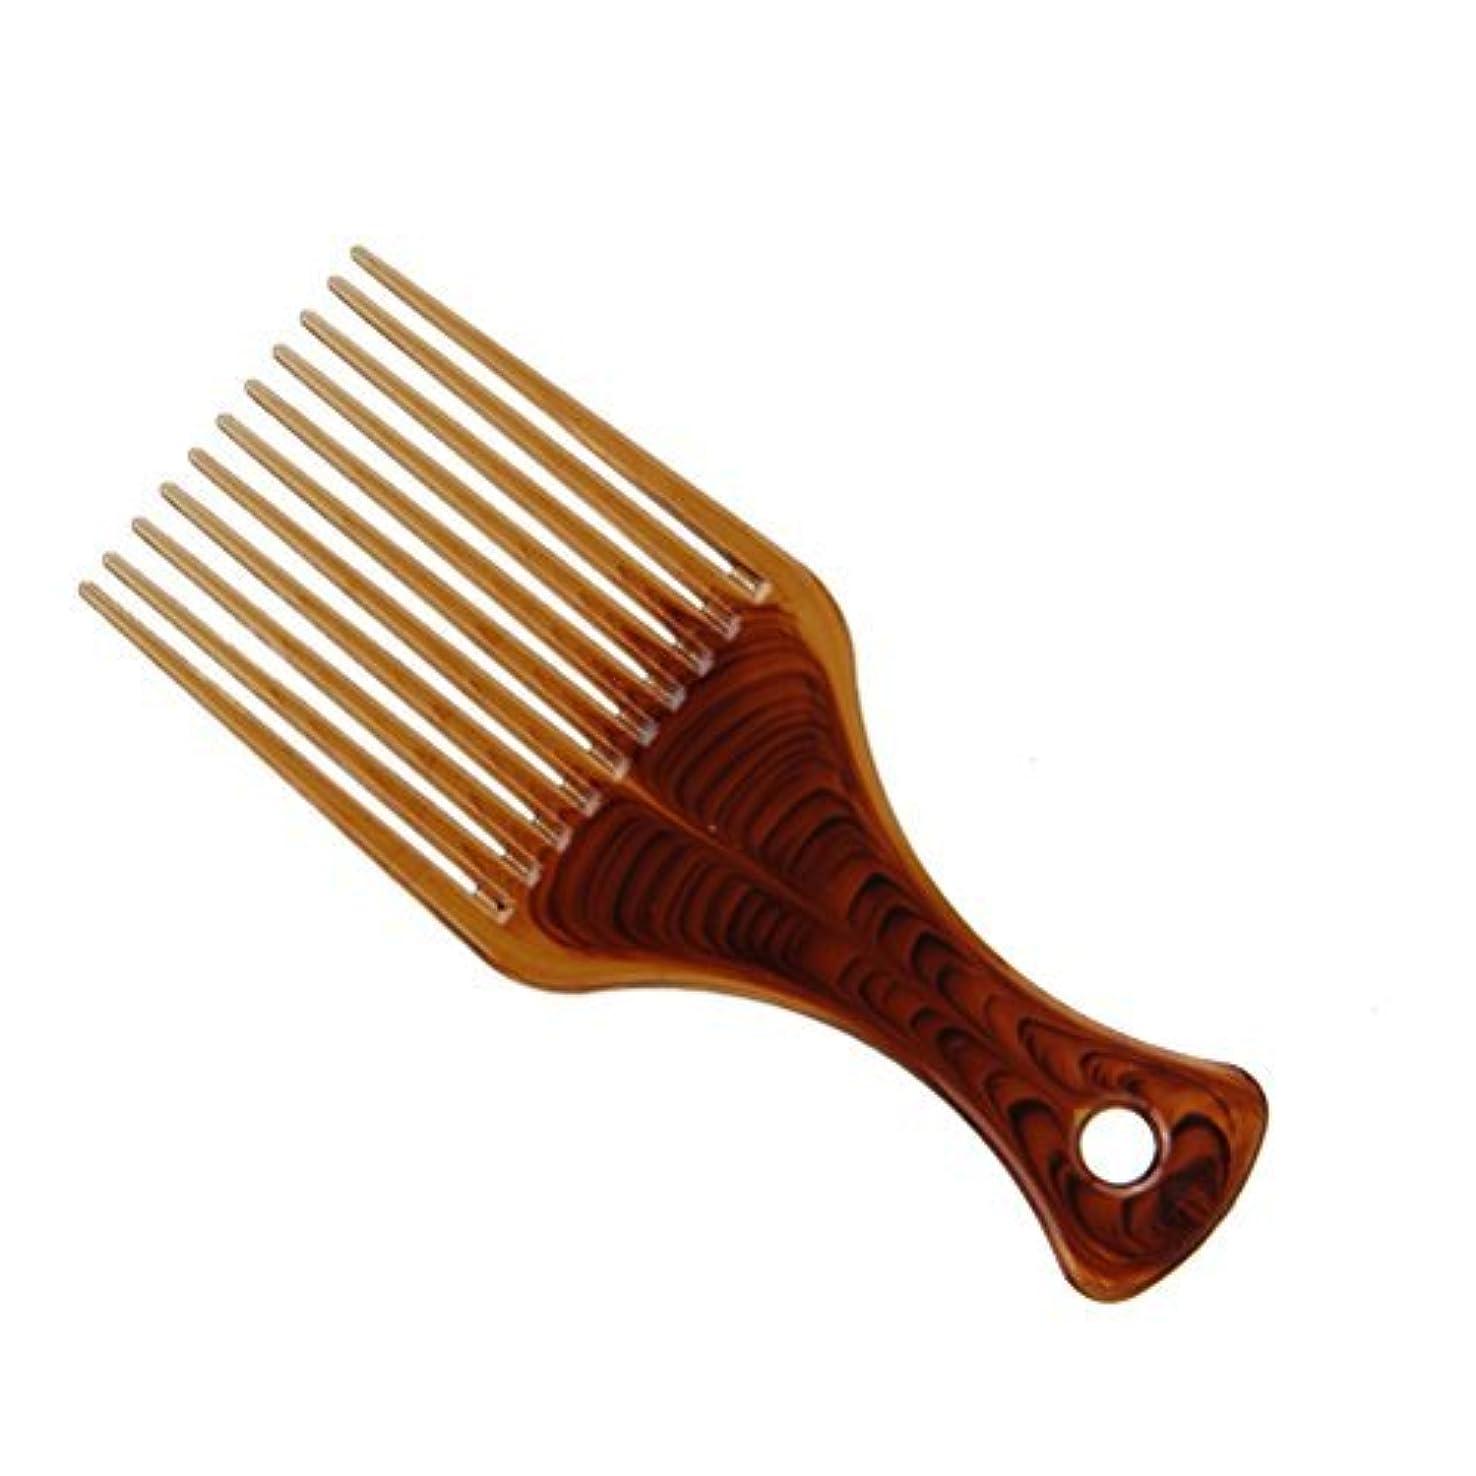 道路アーティファクト適切にFrcolor Hair Pick Comb, Smooth No Frizz Afro Hair Lift Pick Comb for Hairstyle [並行輸入品]